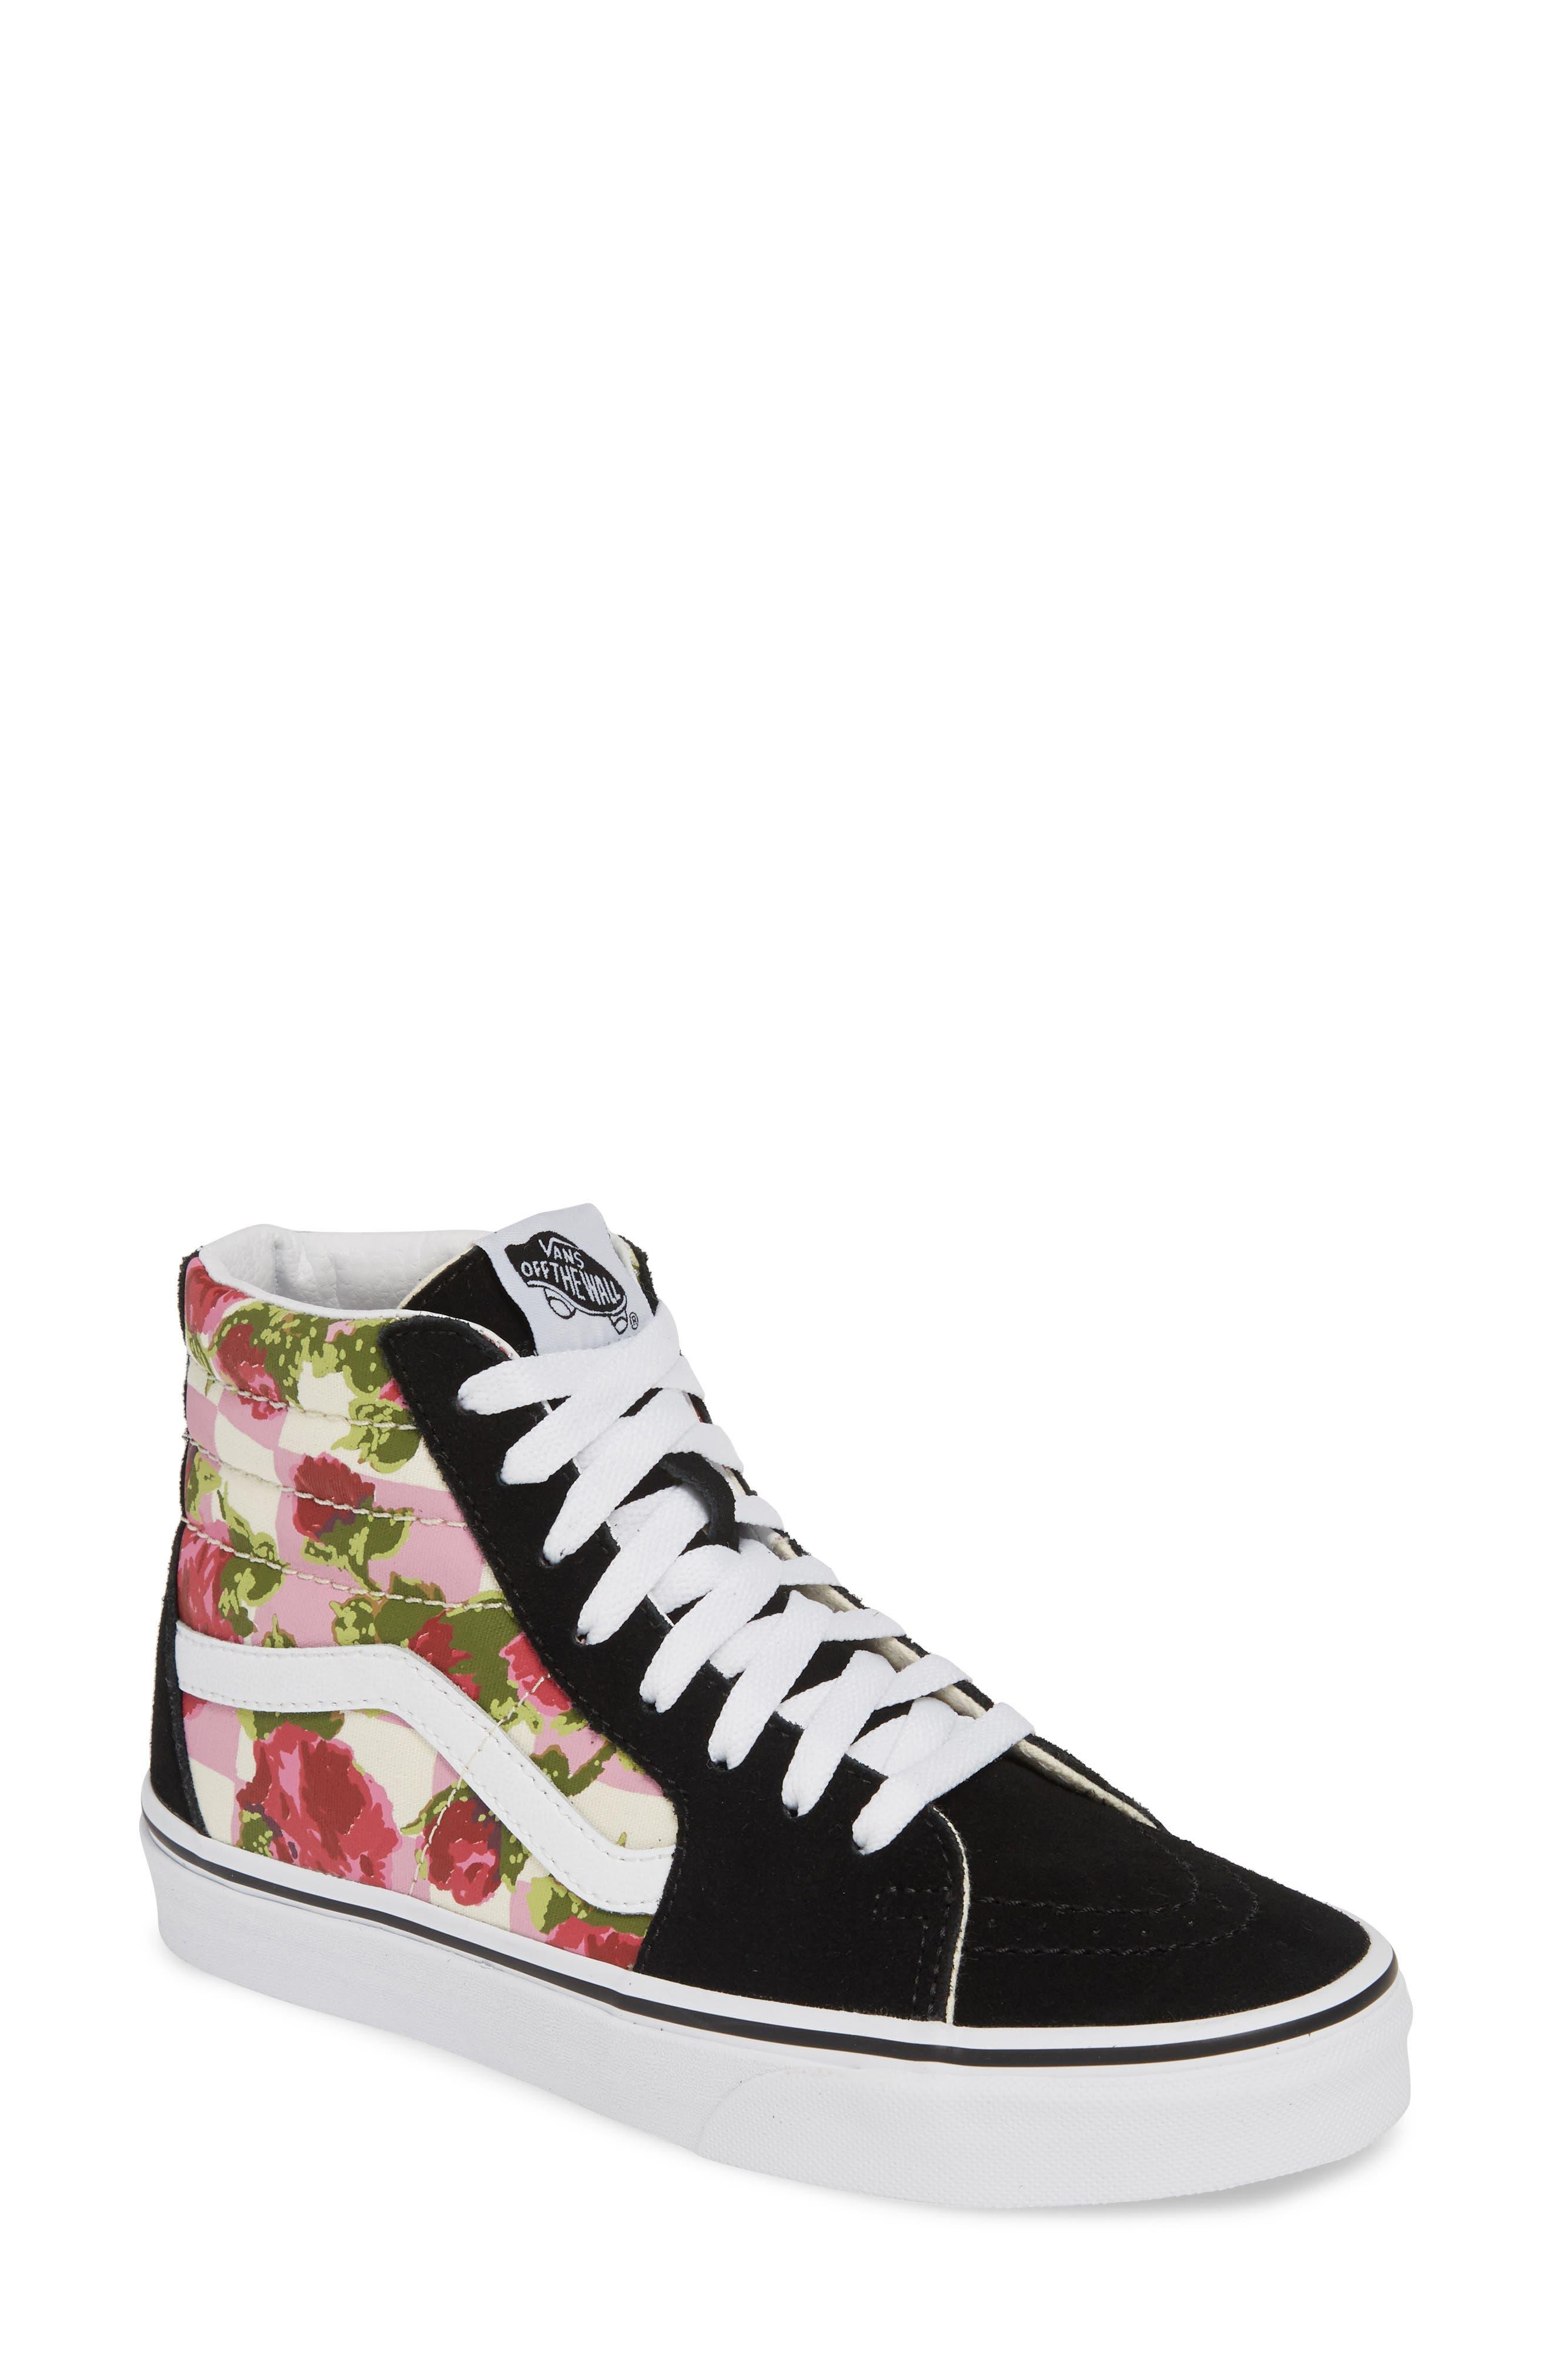 Vans Sk8-Hi Floral Sneaker, White